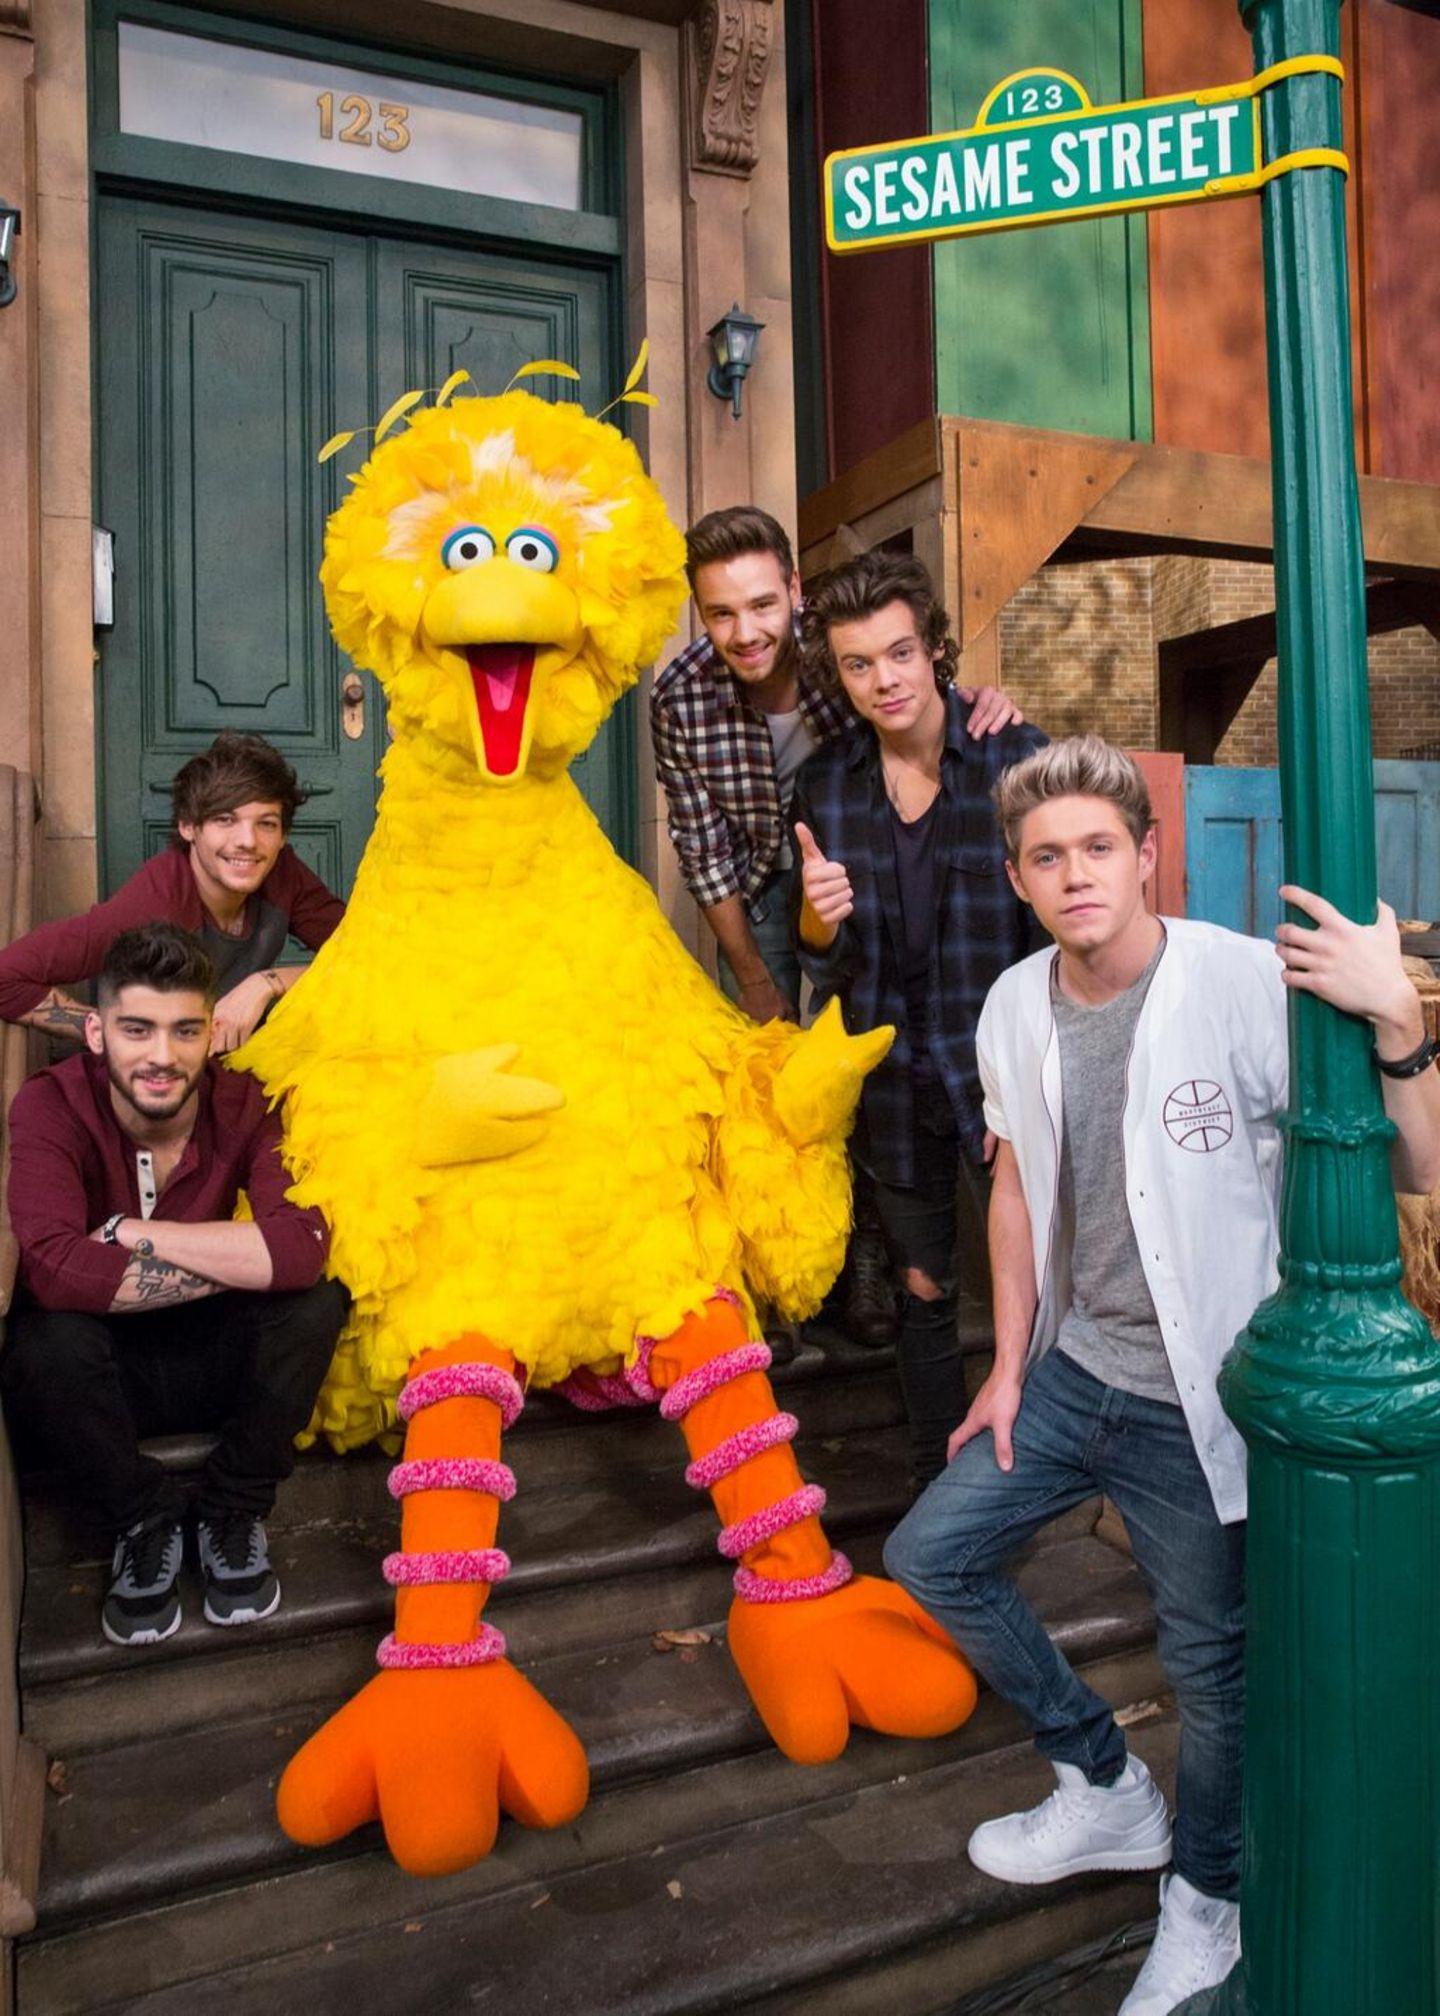 """Dezember 2013  Na, wer ist wohl größter Fan von """"One Direction""""? Genau, Bibo aus der Sesamstraße!"""